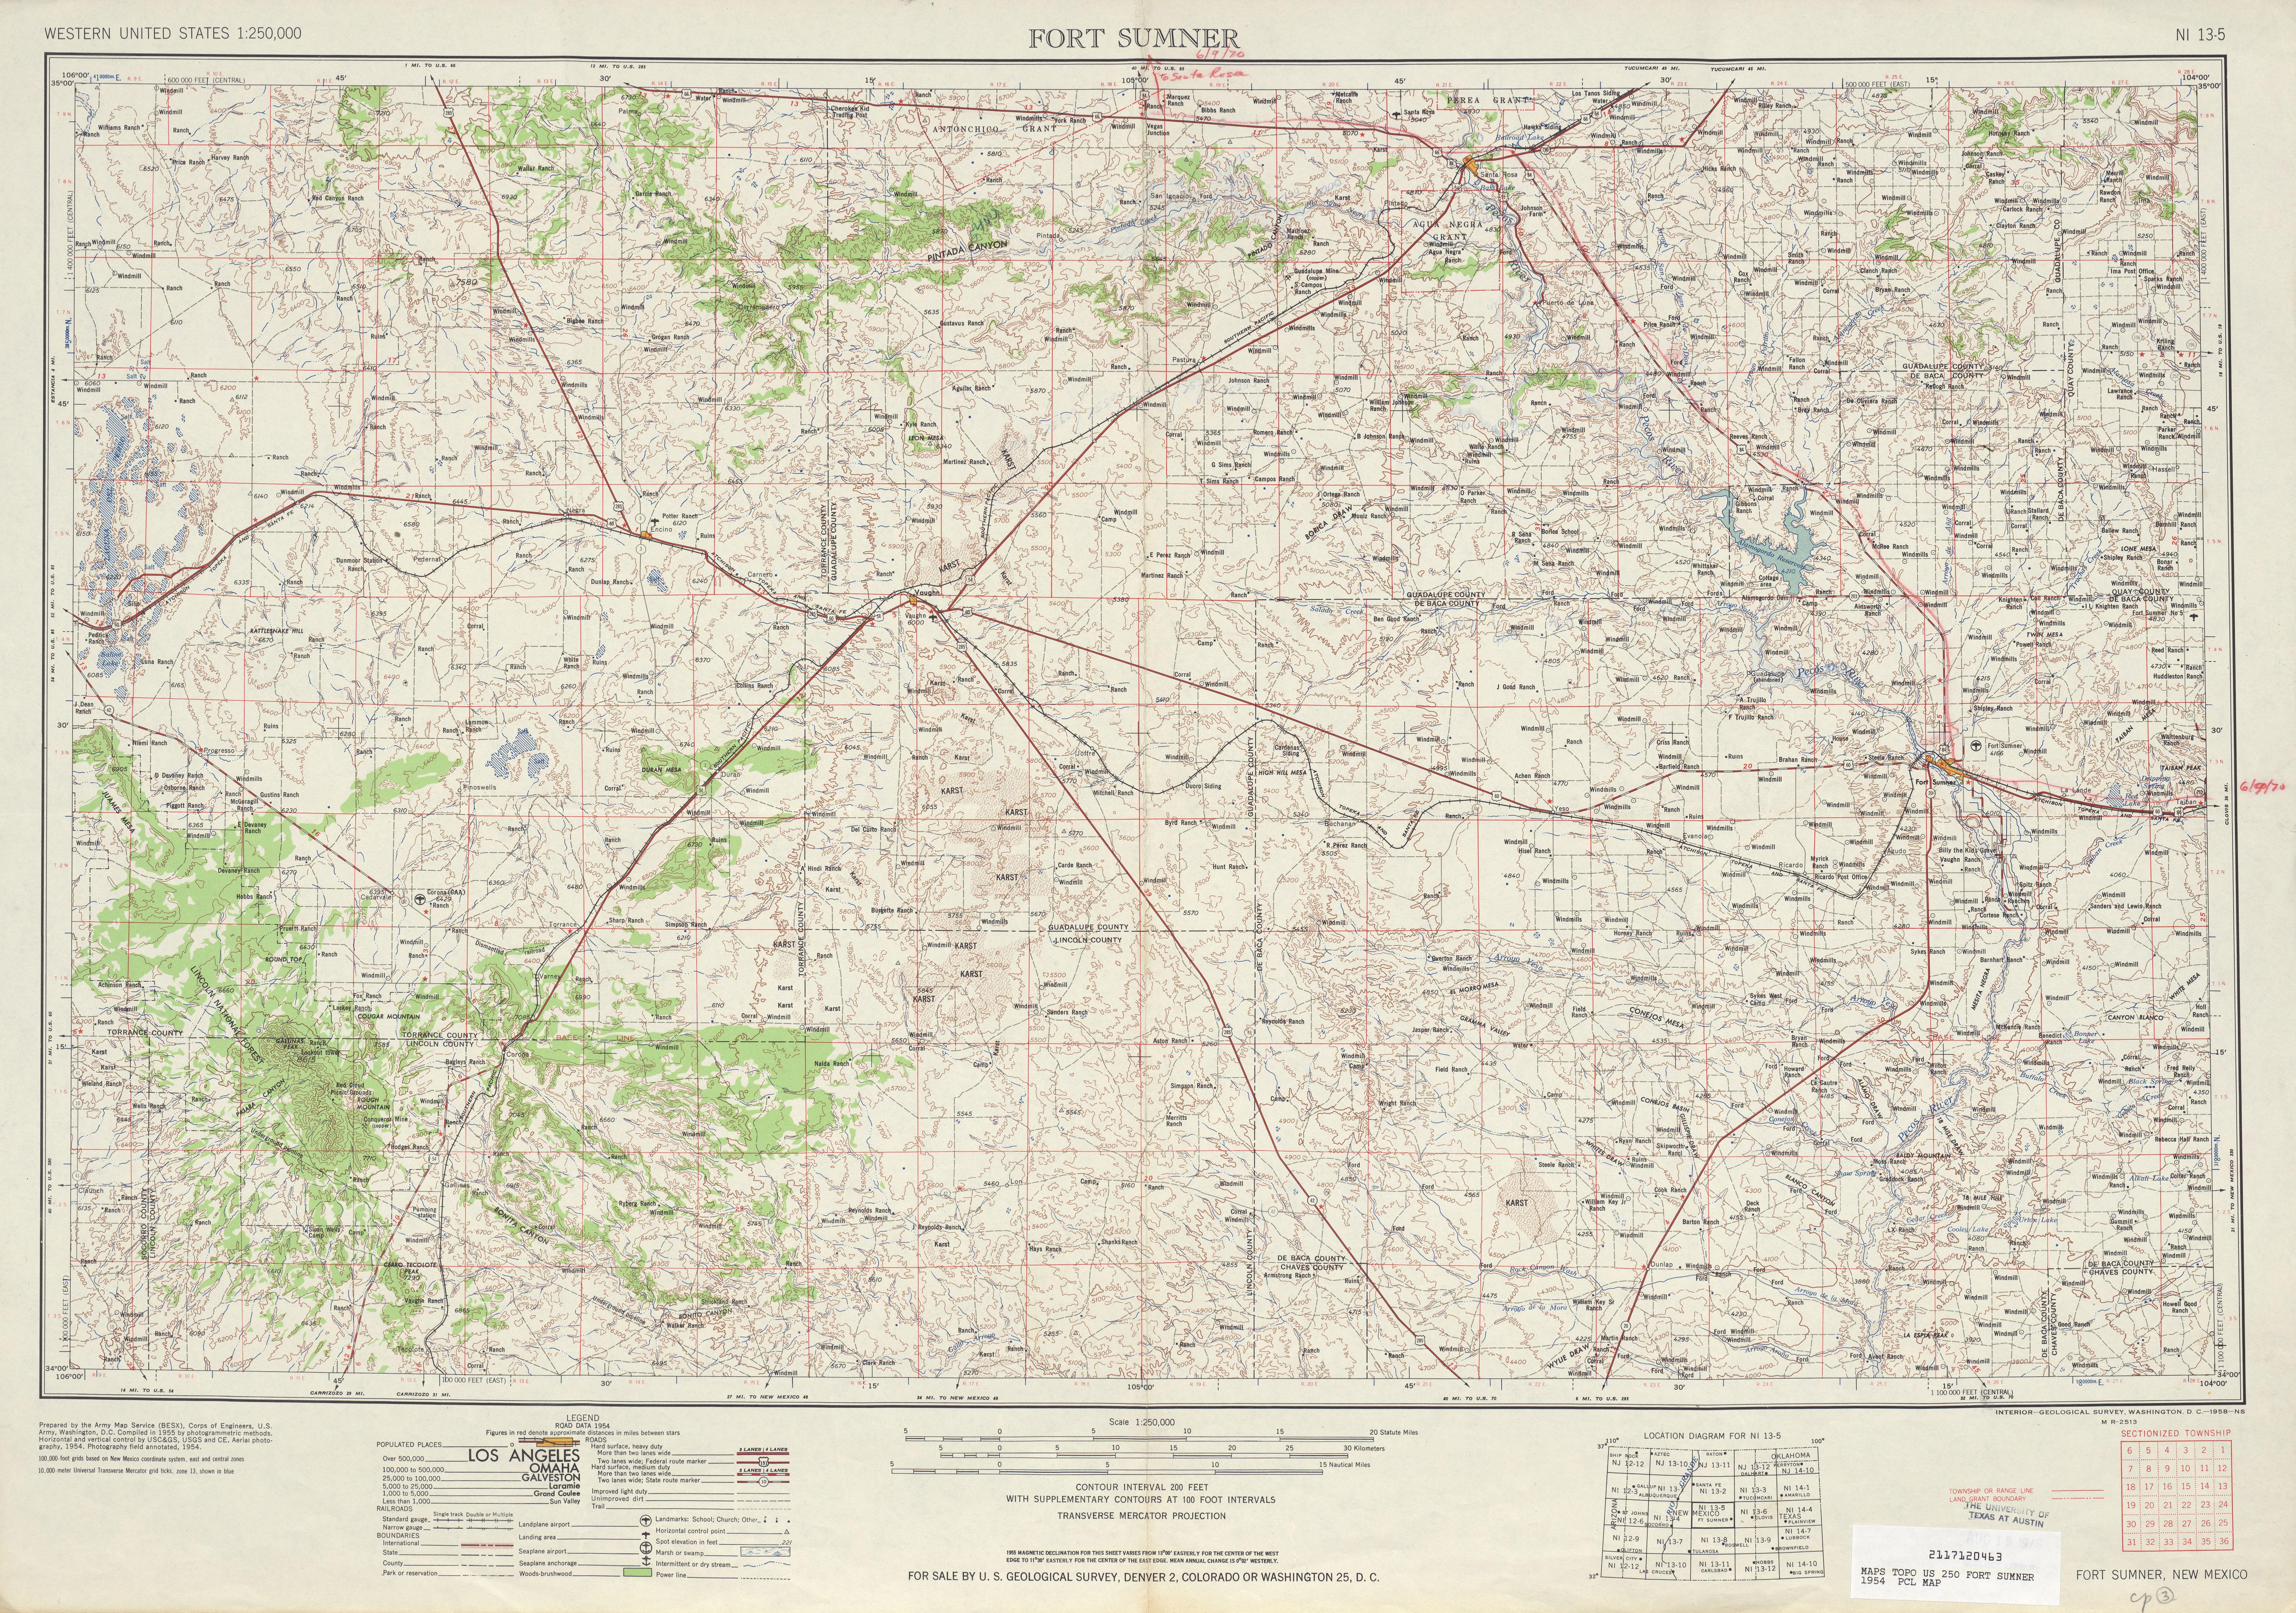 Hoja Fort Sumner del Mapa Topográfico de los Estados Unidos 1954